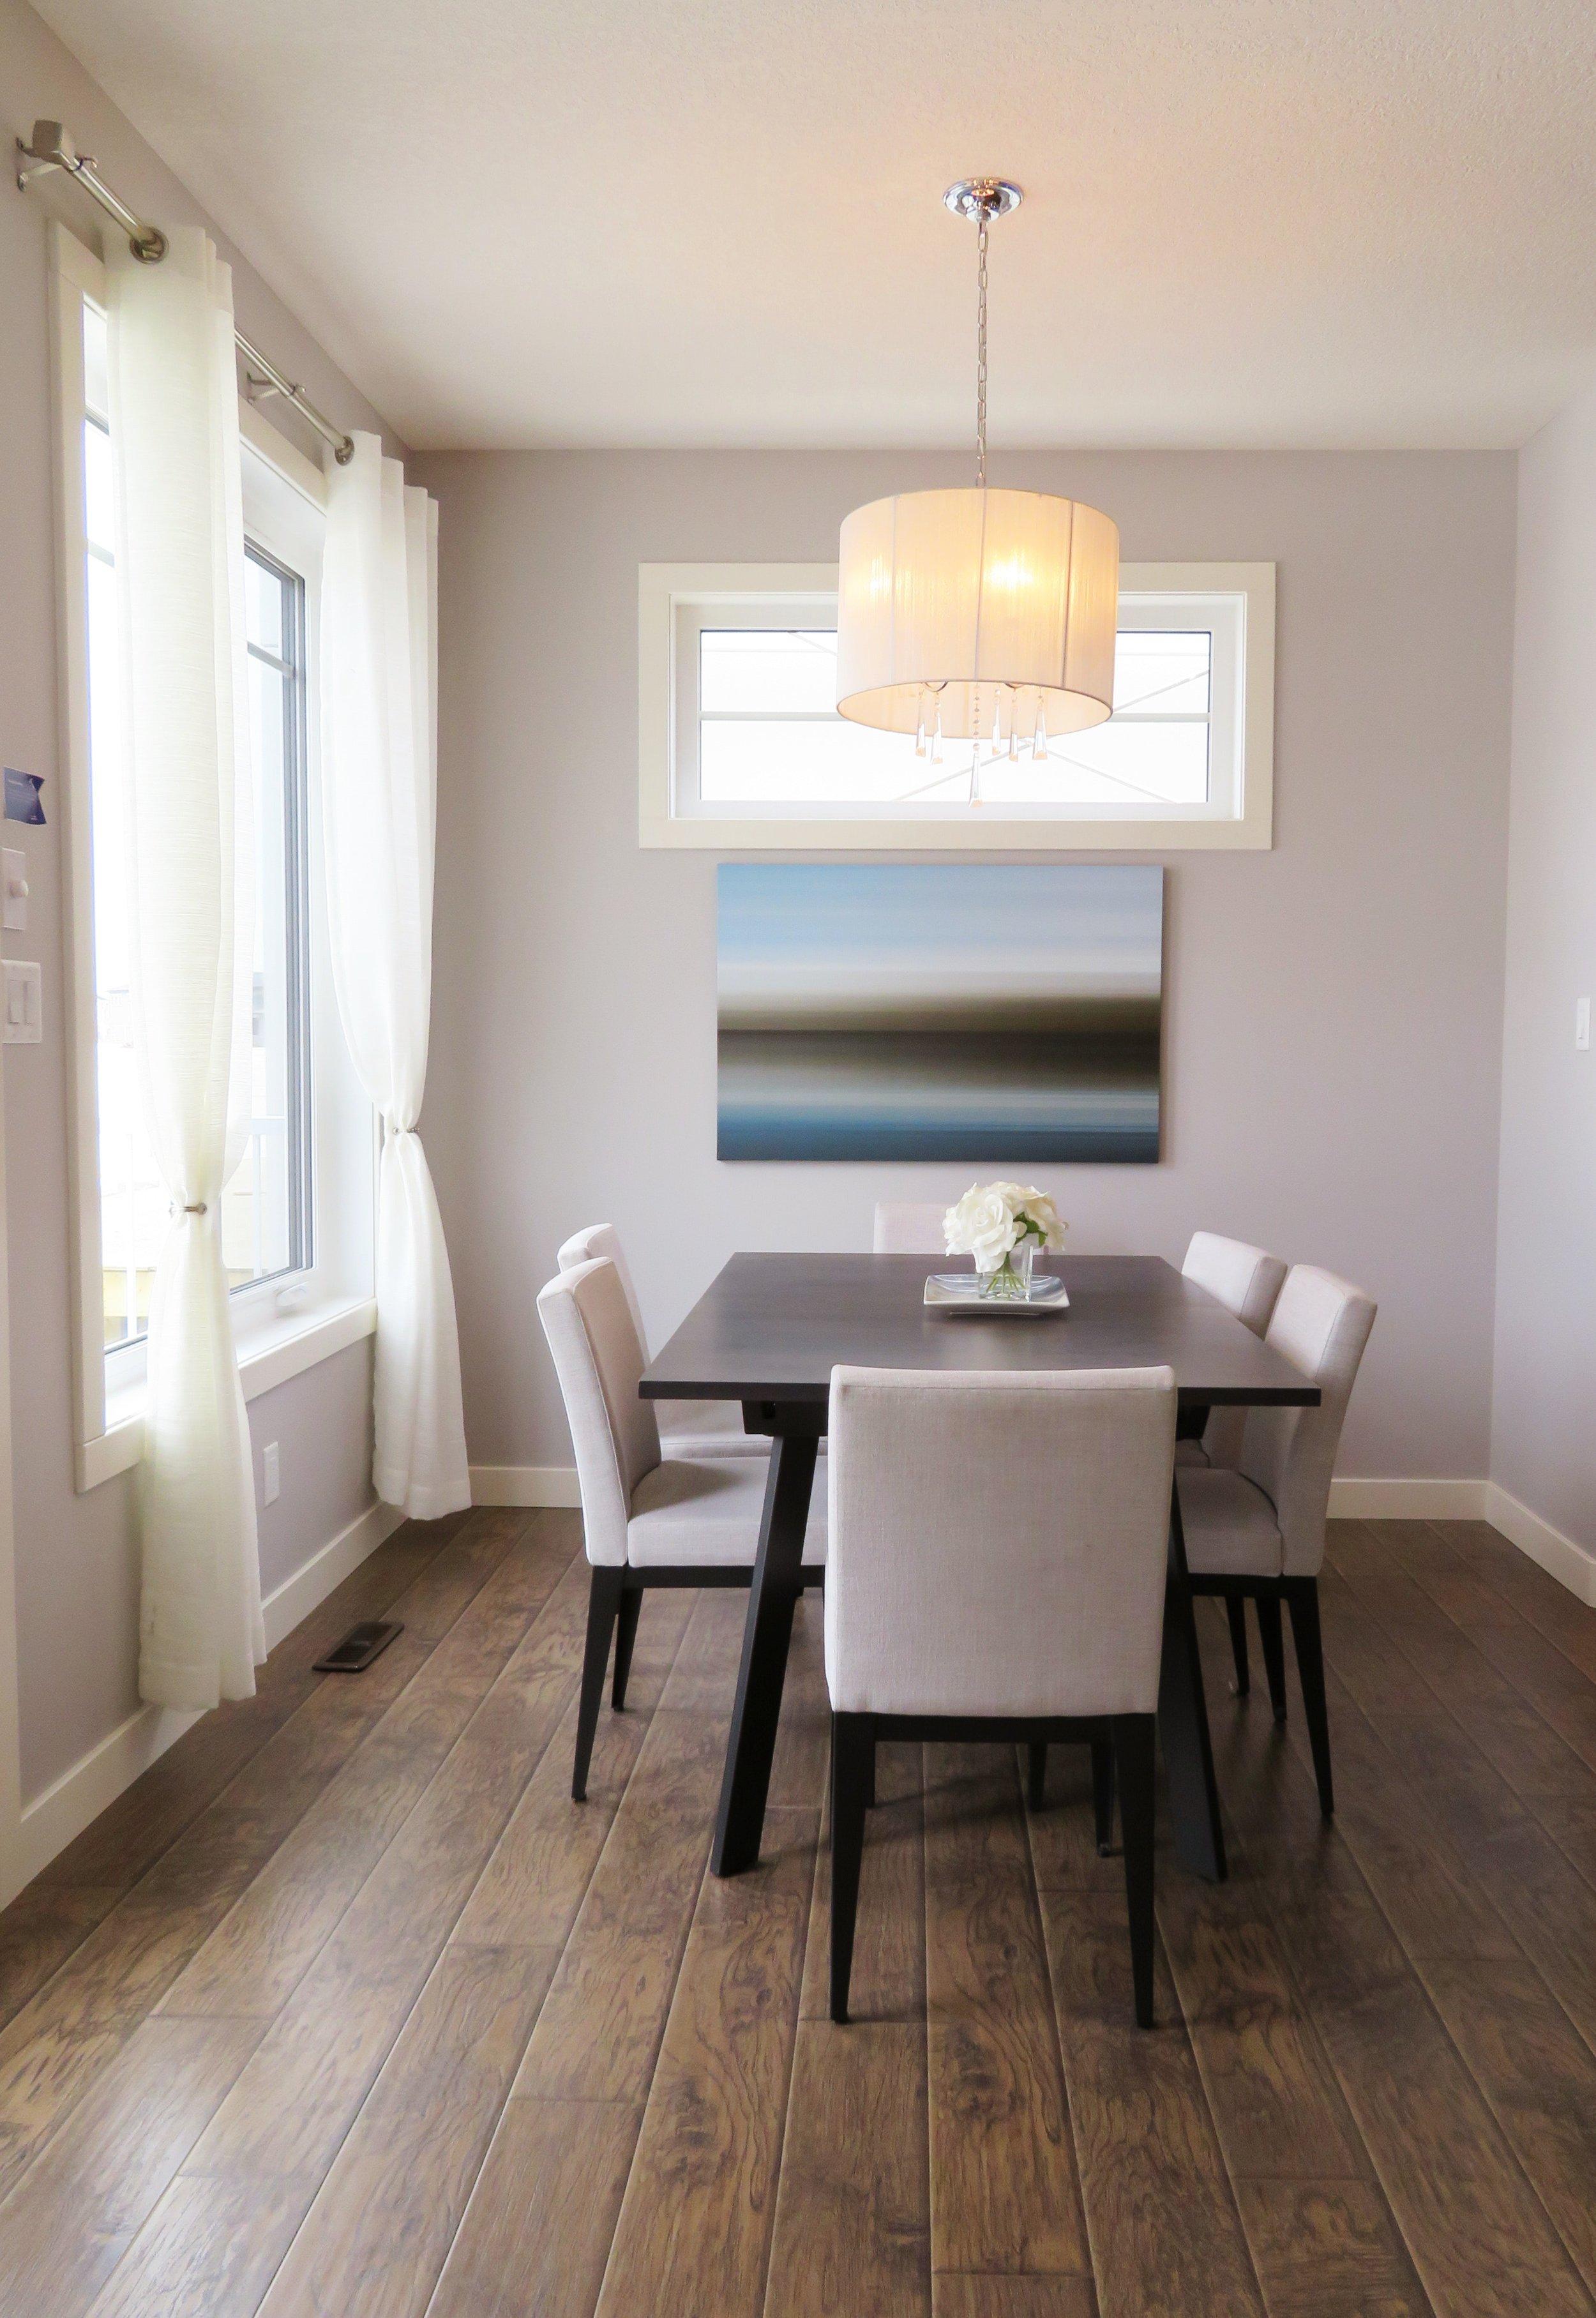 apartment-chairs-clean-534172.jpg